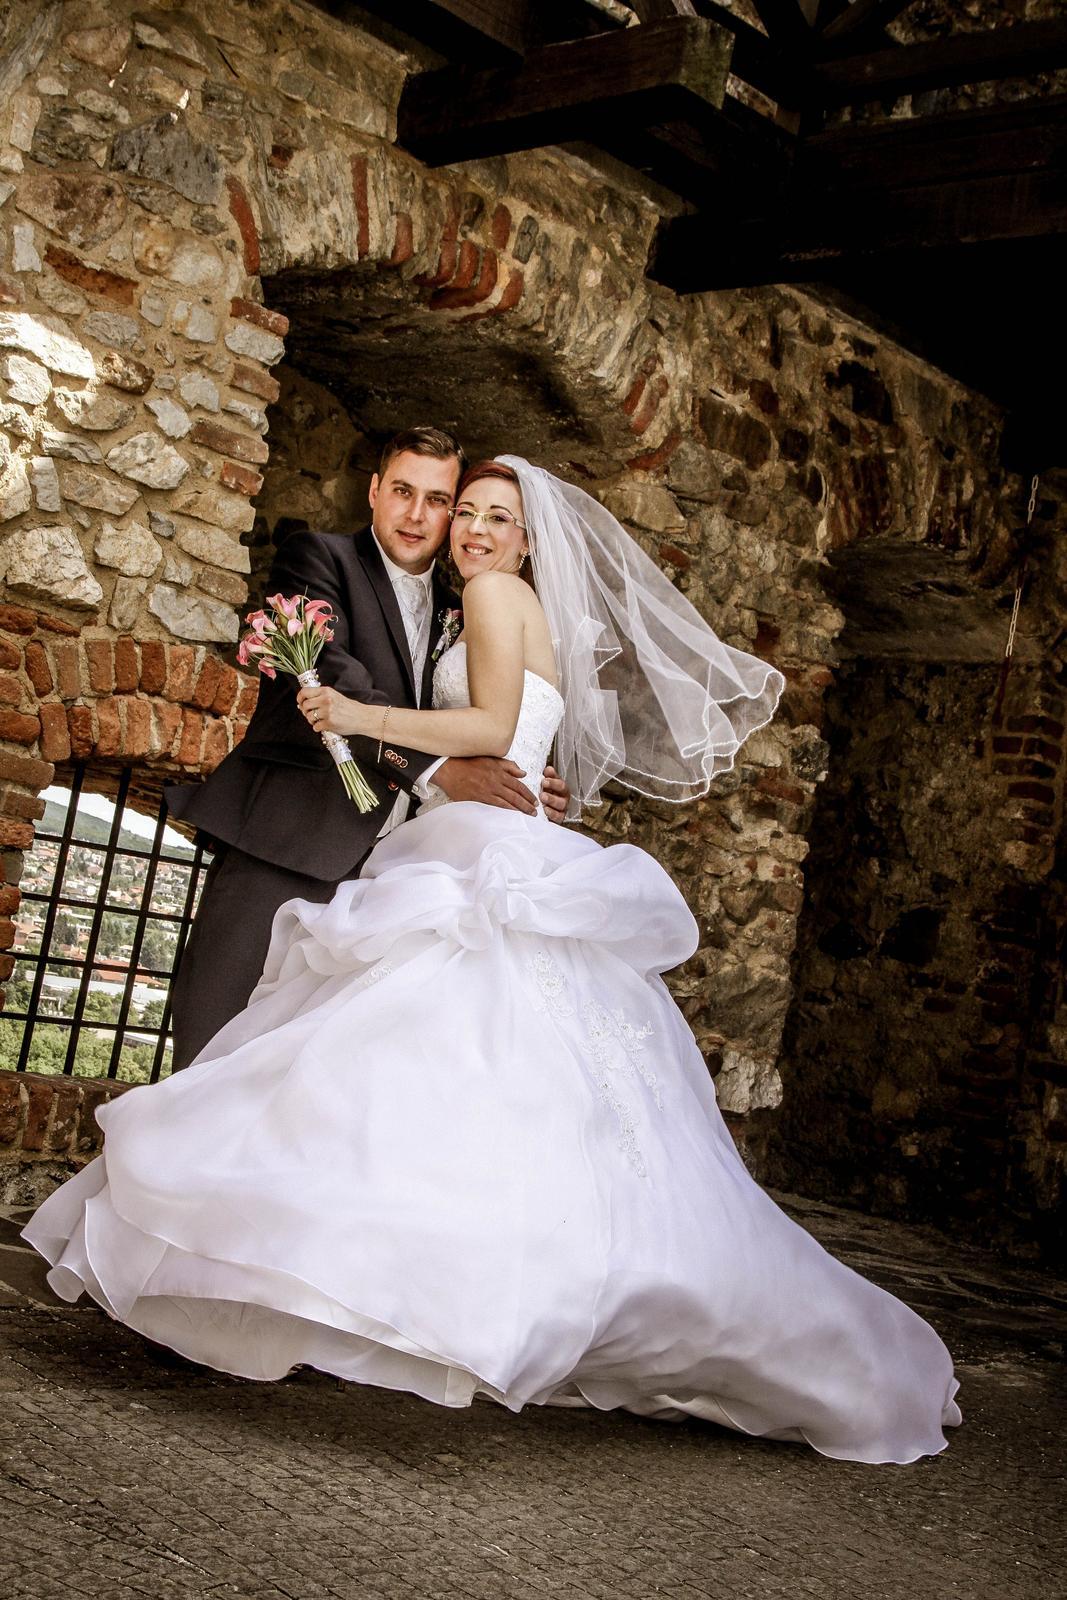 Náš svadobný deň 27.05.2017... - Obrázok č. 1